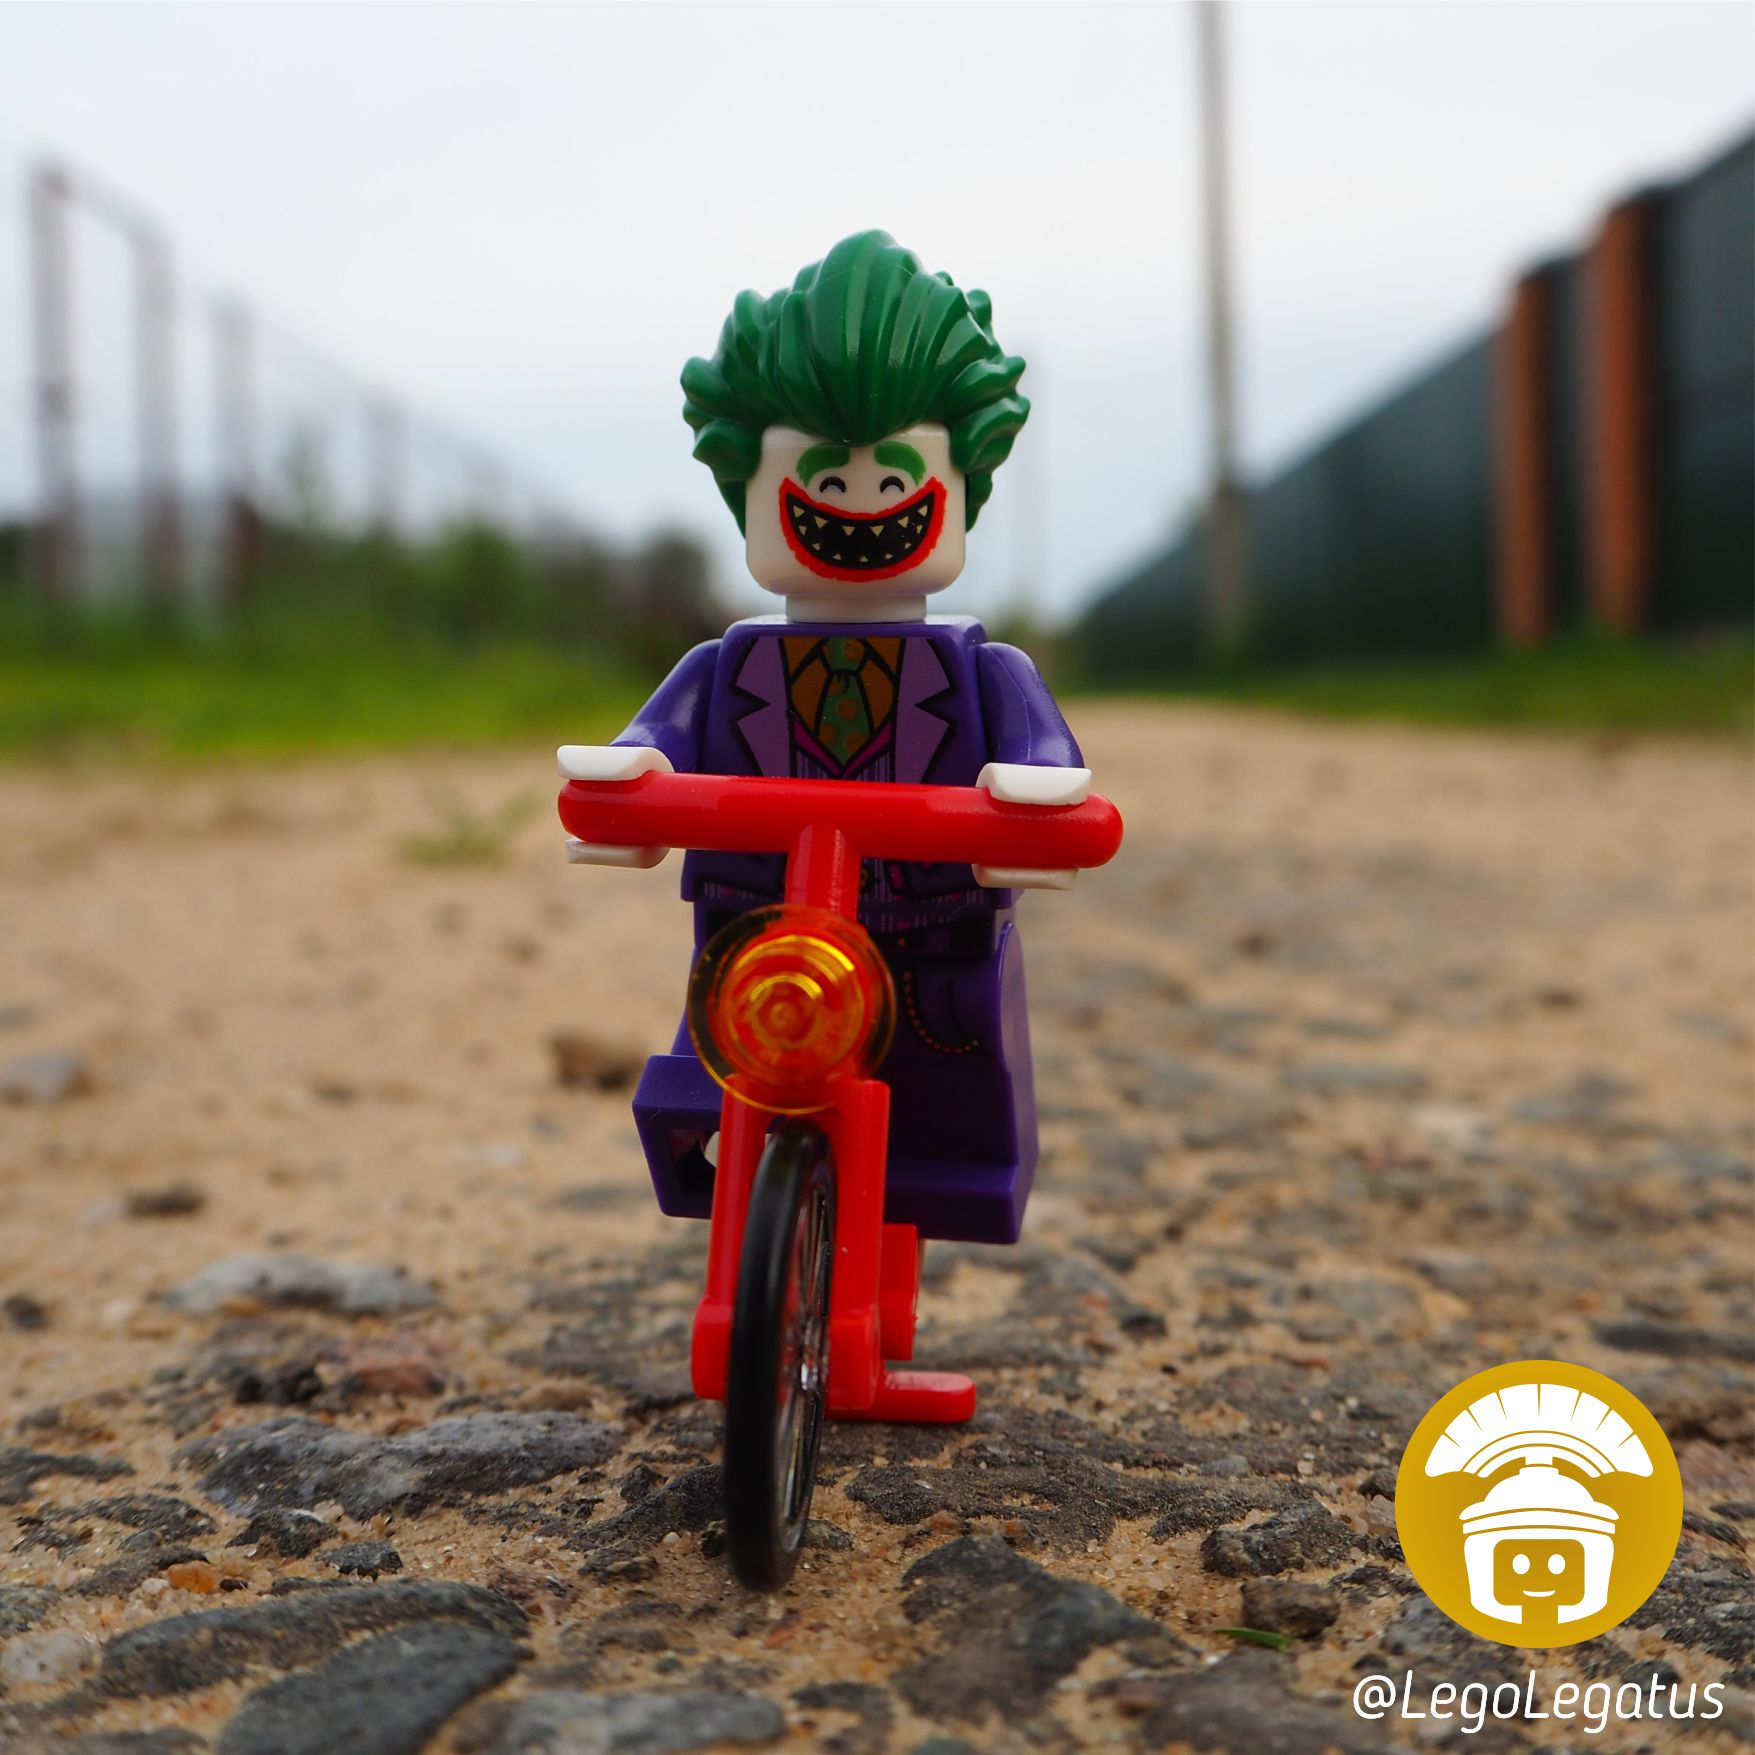 Джокер зовет погонять на лясиках!